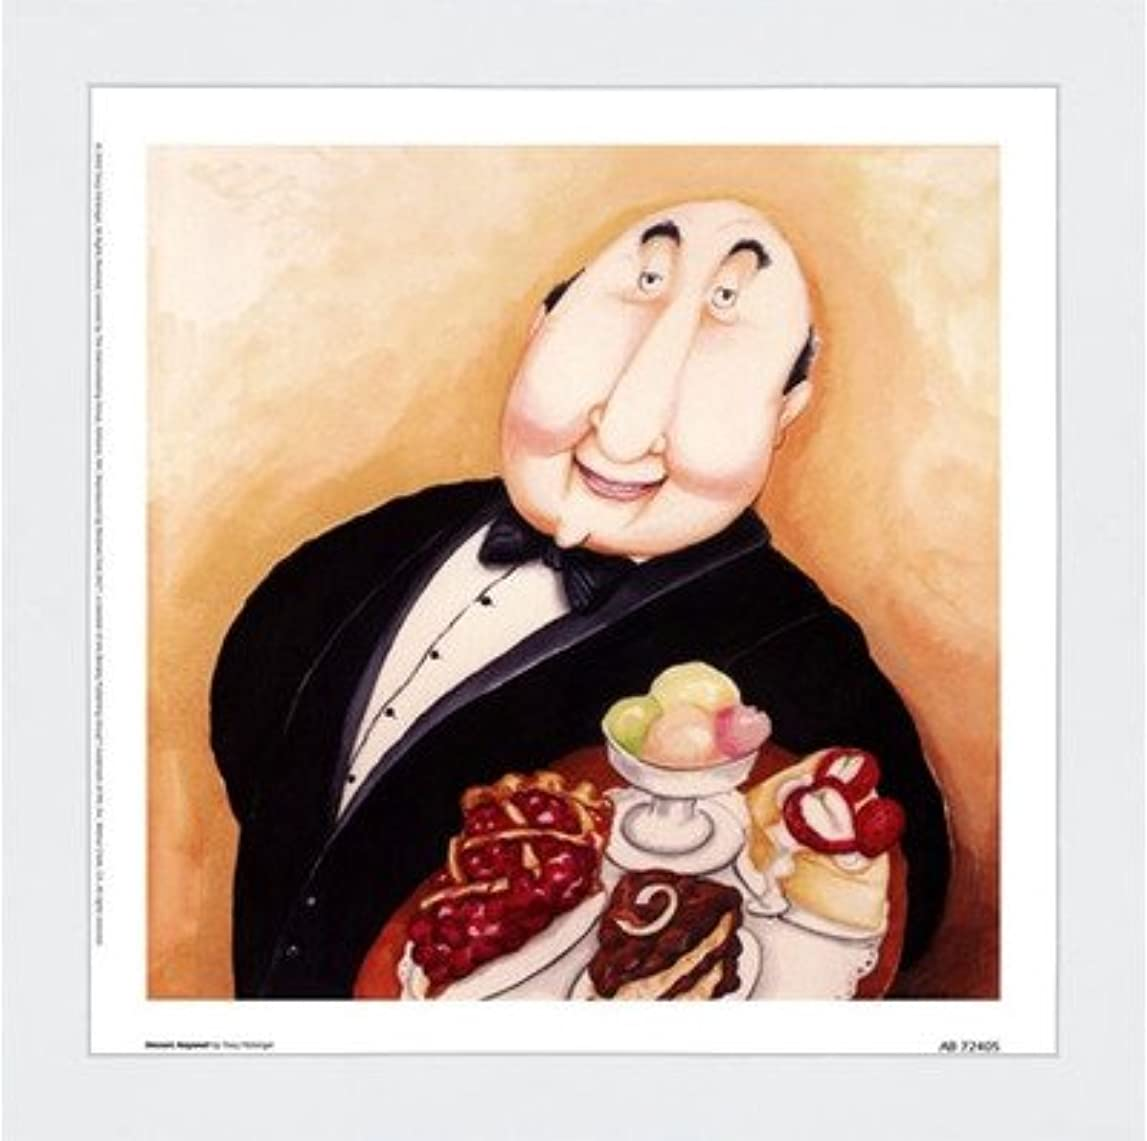 召喚する立ち寄るベットデザートAnyone by Tracy Flickinger – 9 x 9インチ – アートプリントポスター LE_468077-F8989-9x9